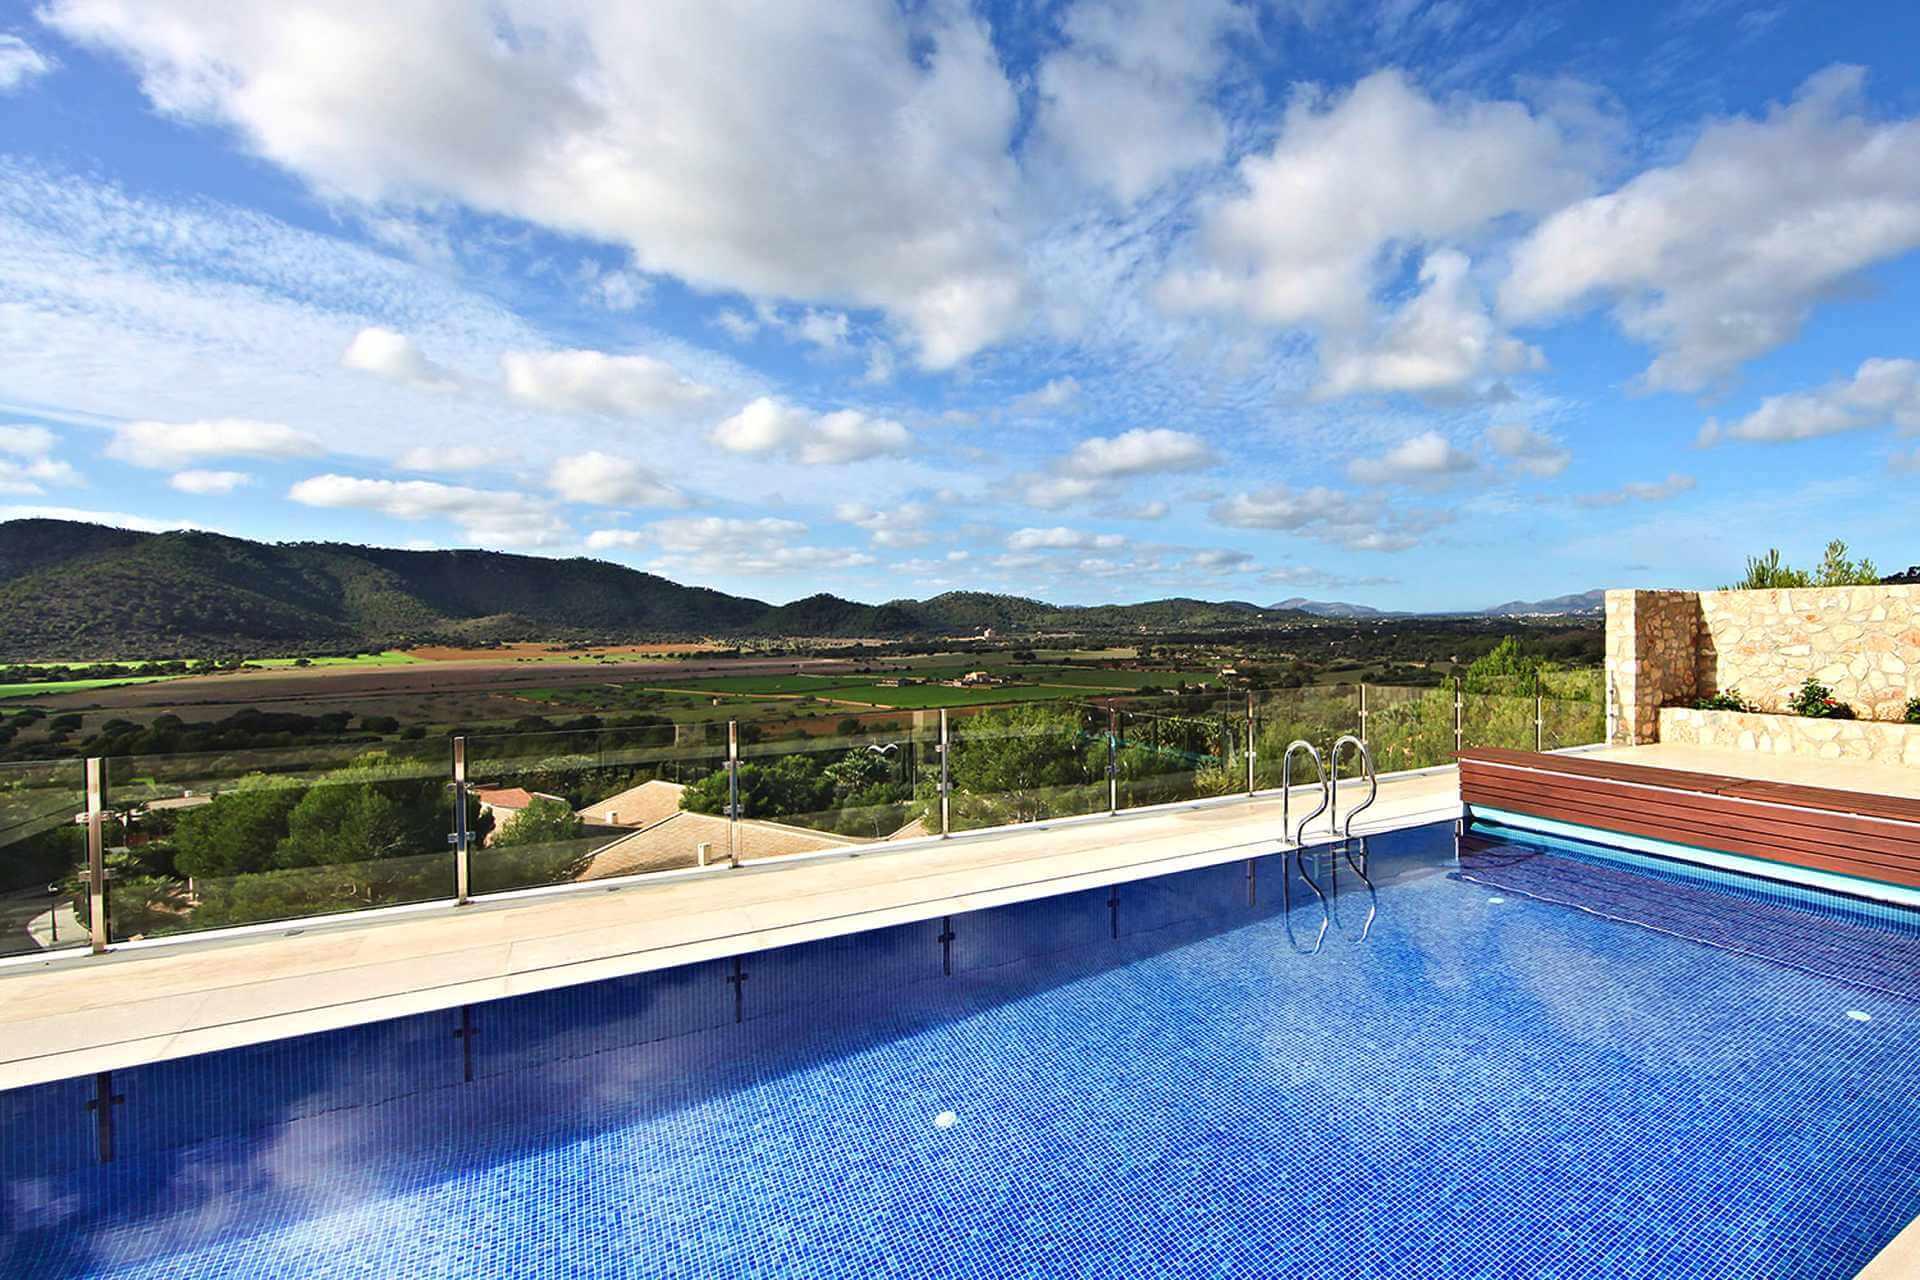 01-328 Villa mit Ausblick Nordosten Mallorca Bild 3